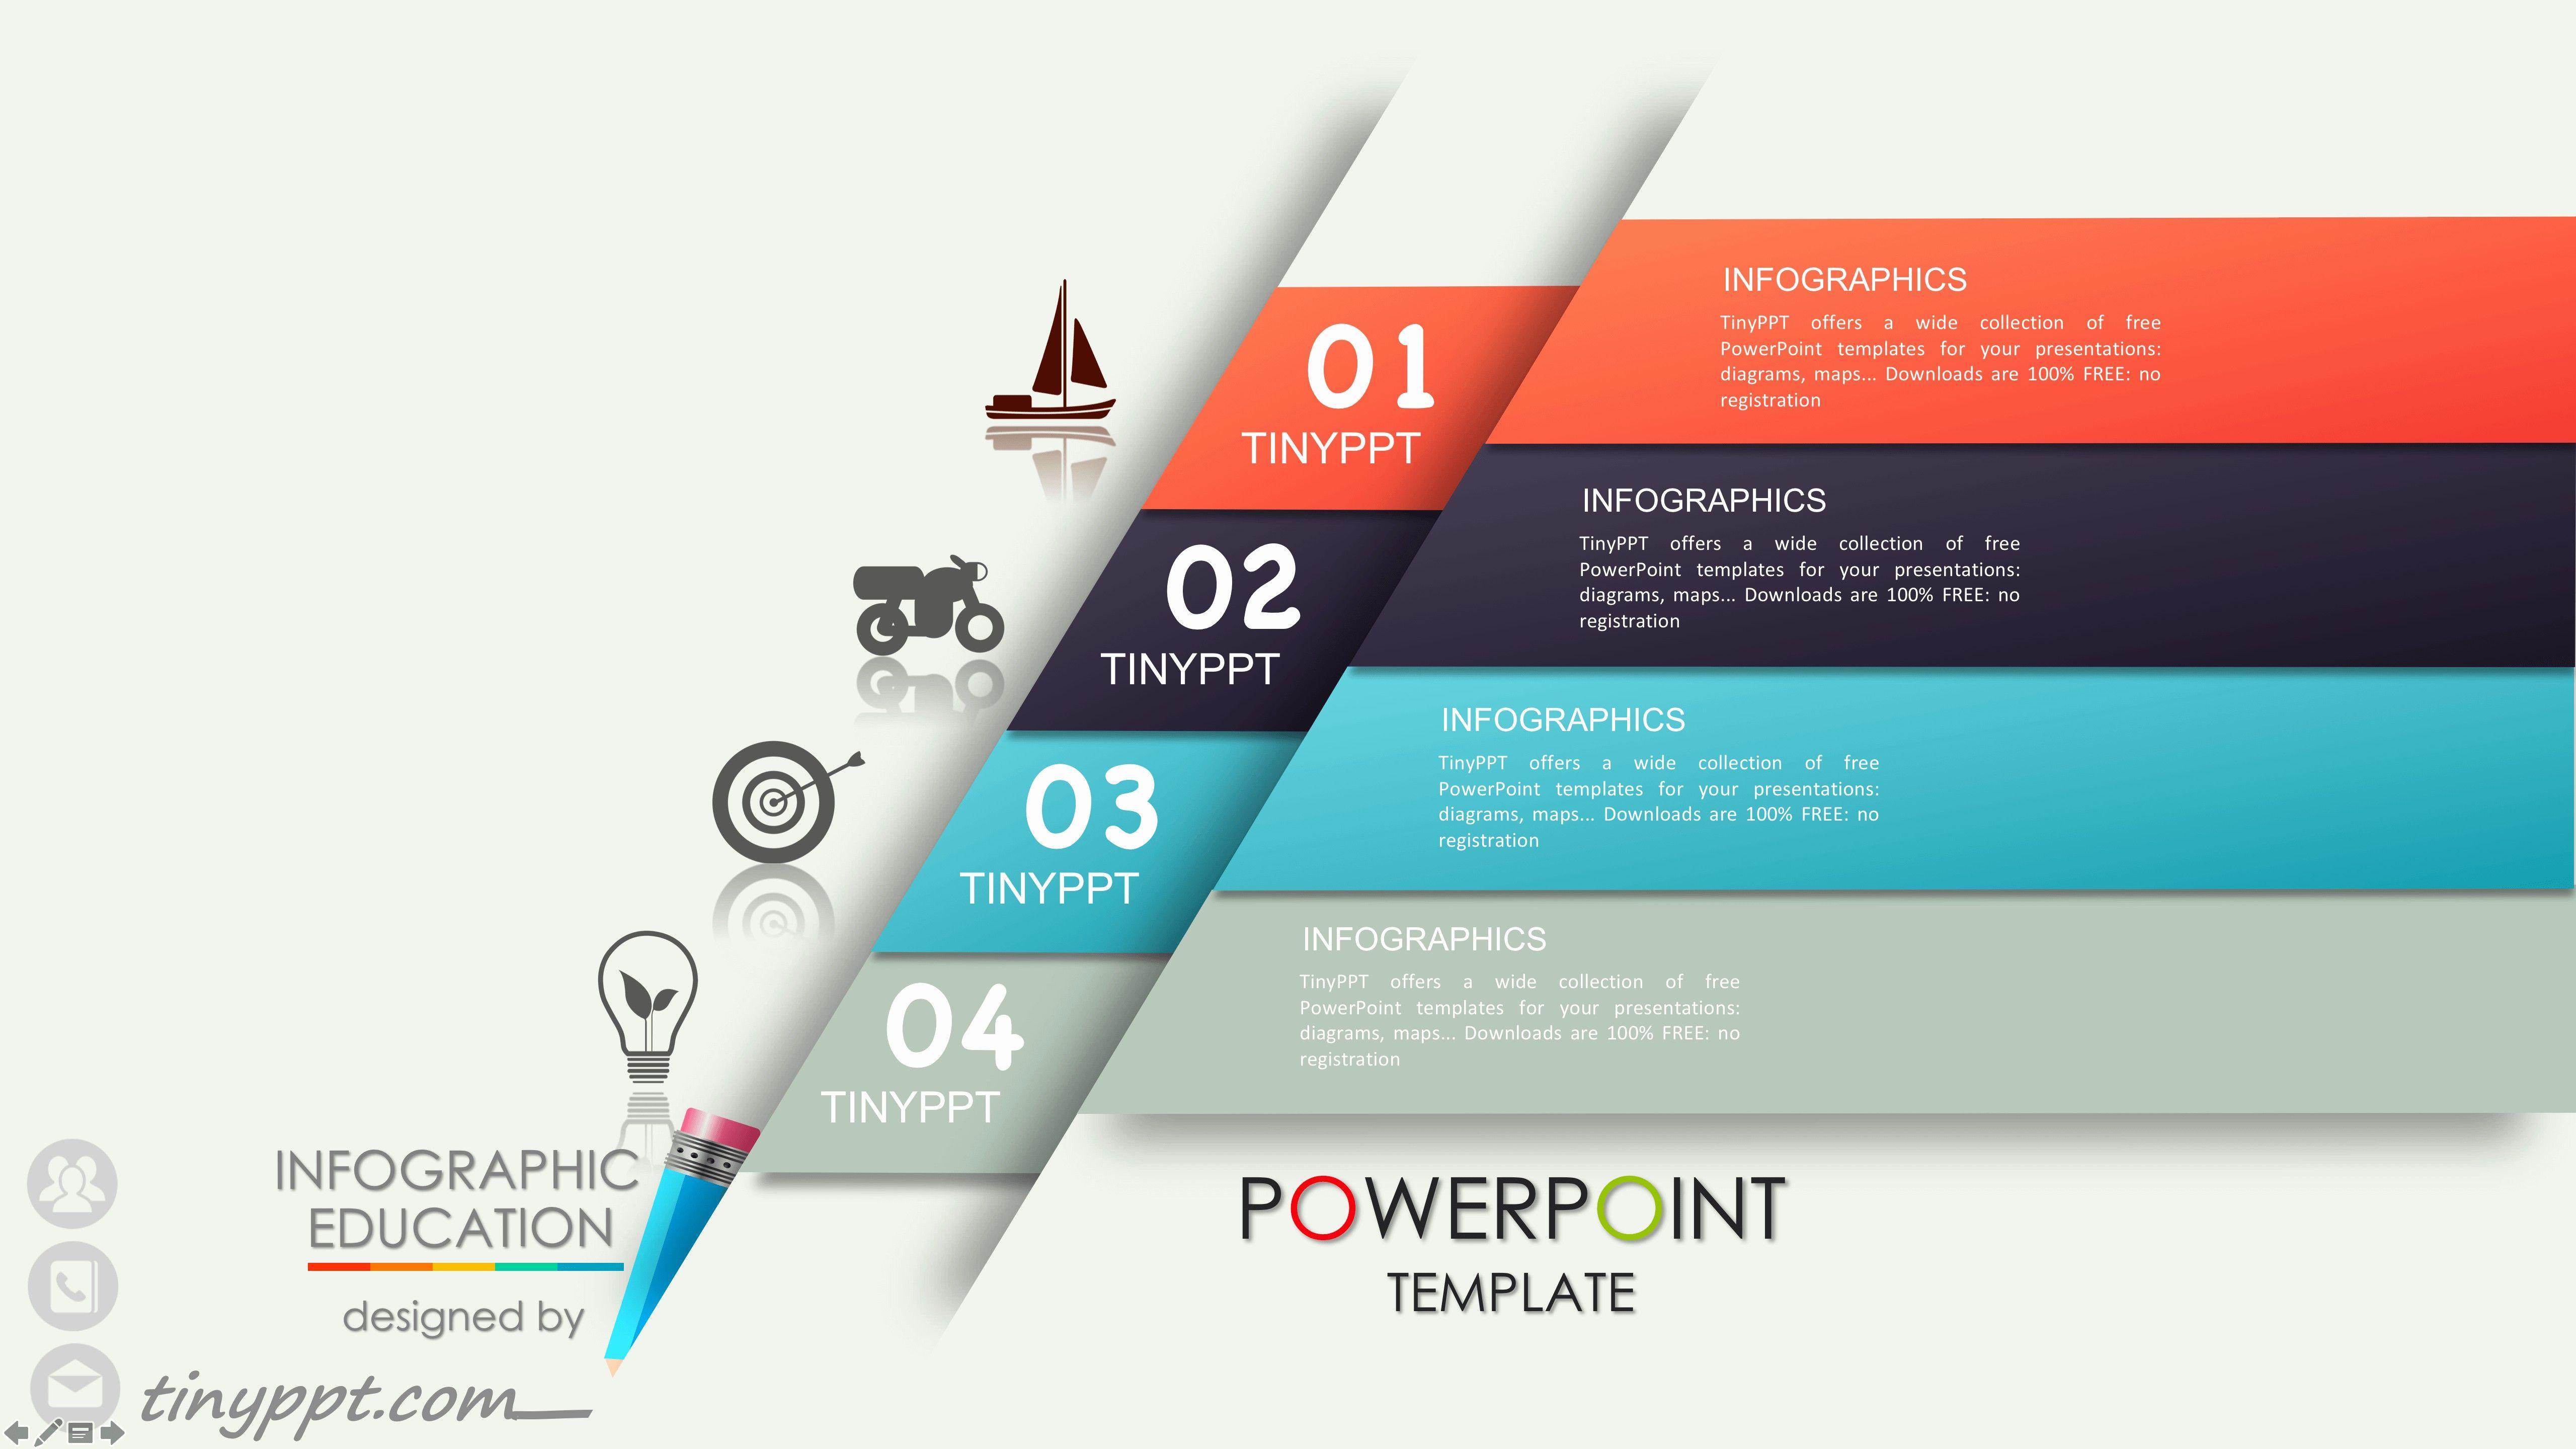 Powerpoint Smart Art Templates Luxury Niedlich Kostenlose Coole Powerpoint Vorlagen Fotos Entry Level Document Template Id Buku Ekonomi Presentasi Cv Kreatif